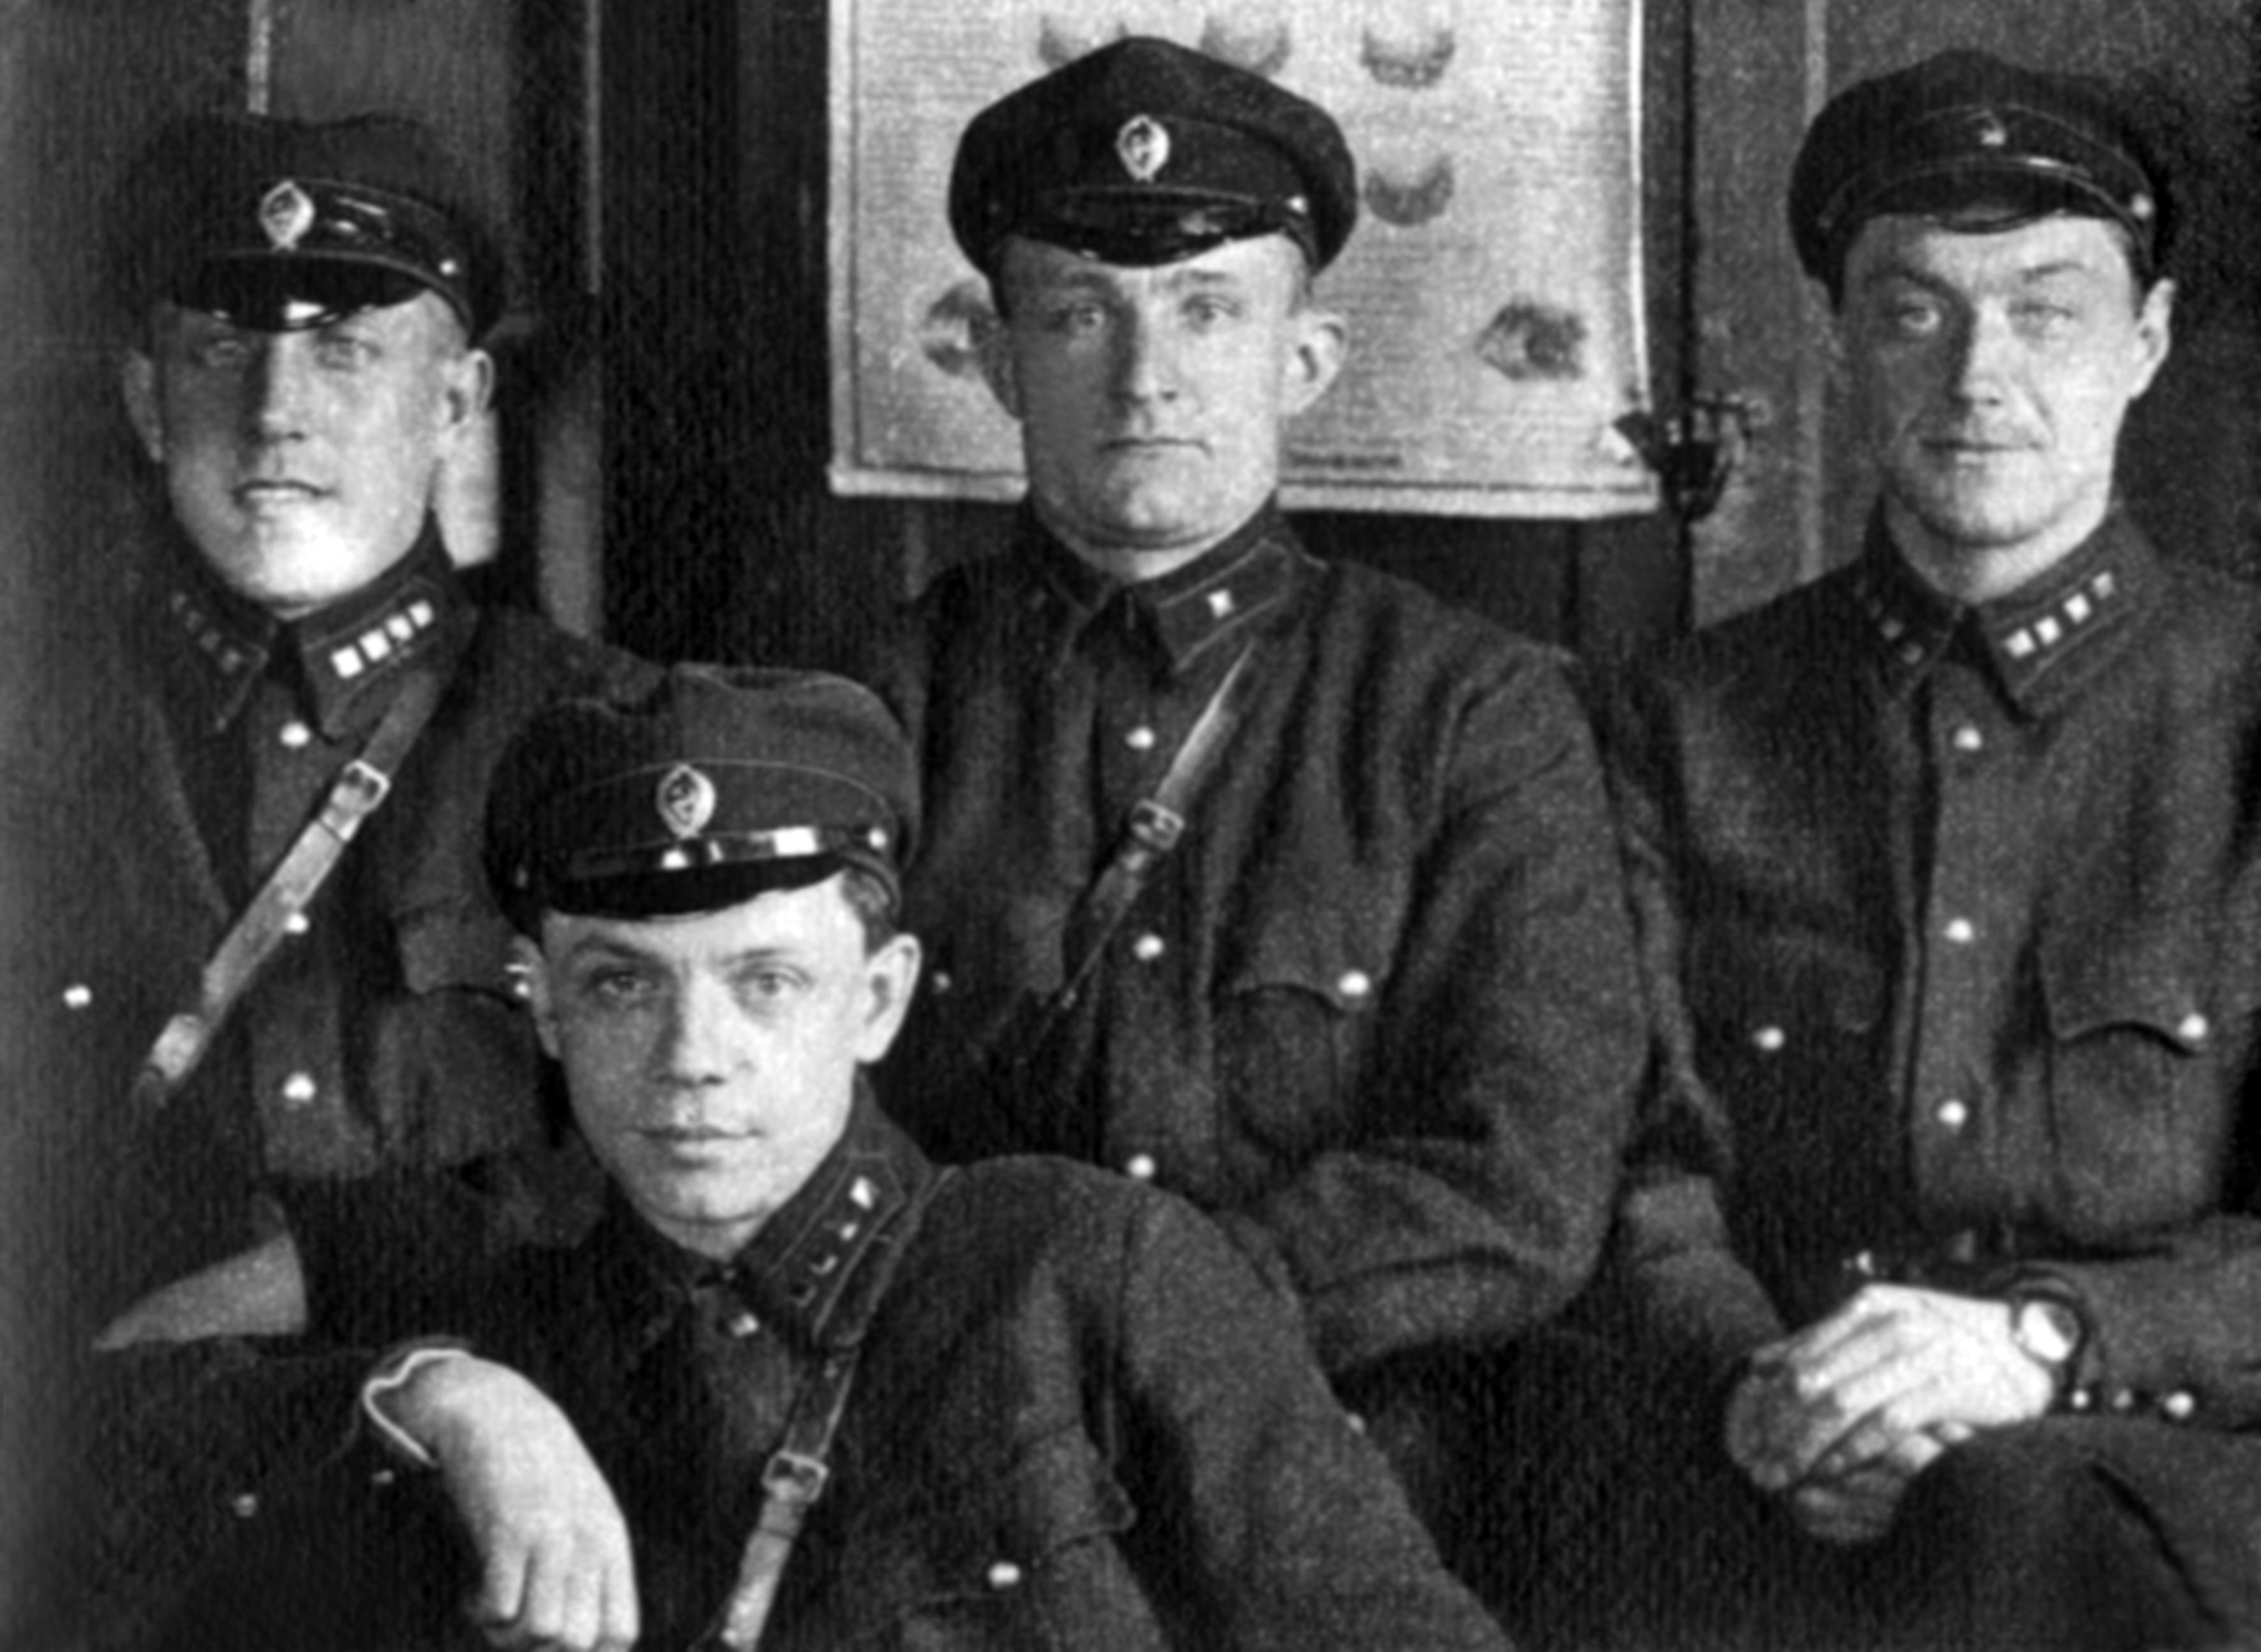 16-aprelya-1929-zarajjskaya-uezdnaya-miliciya.jpg